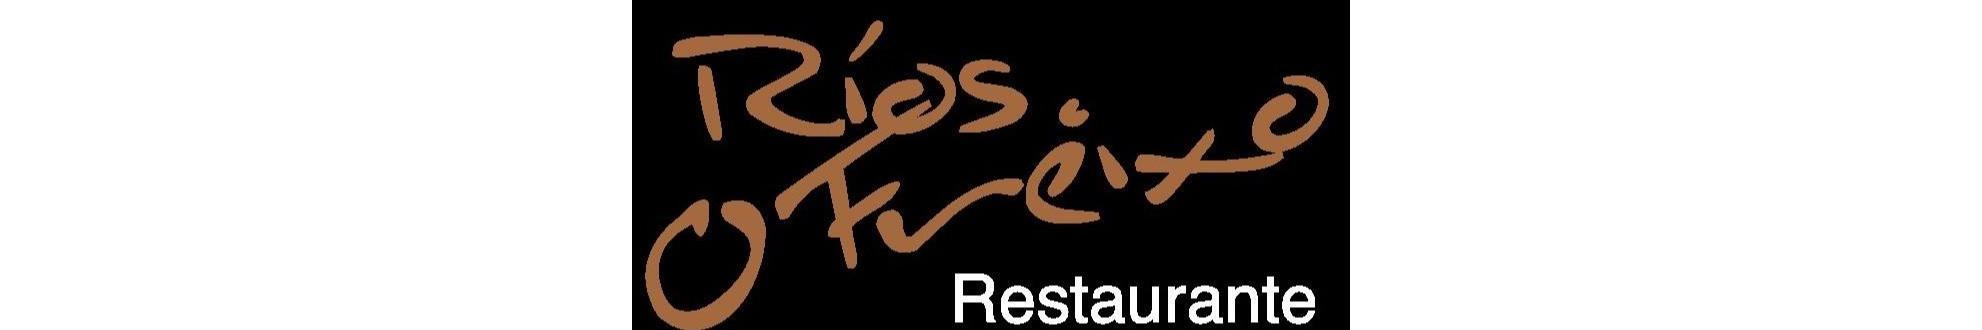 Restaurante especializado en mariscos y pescados